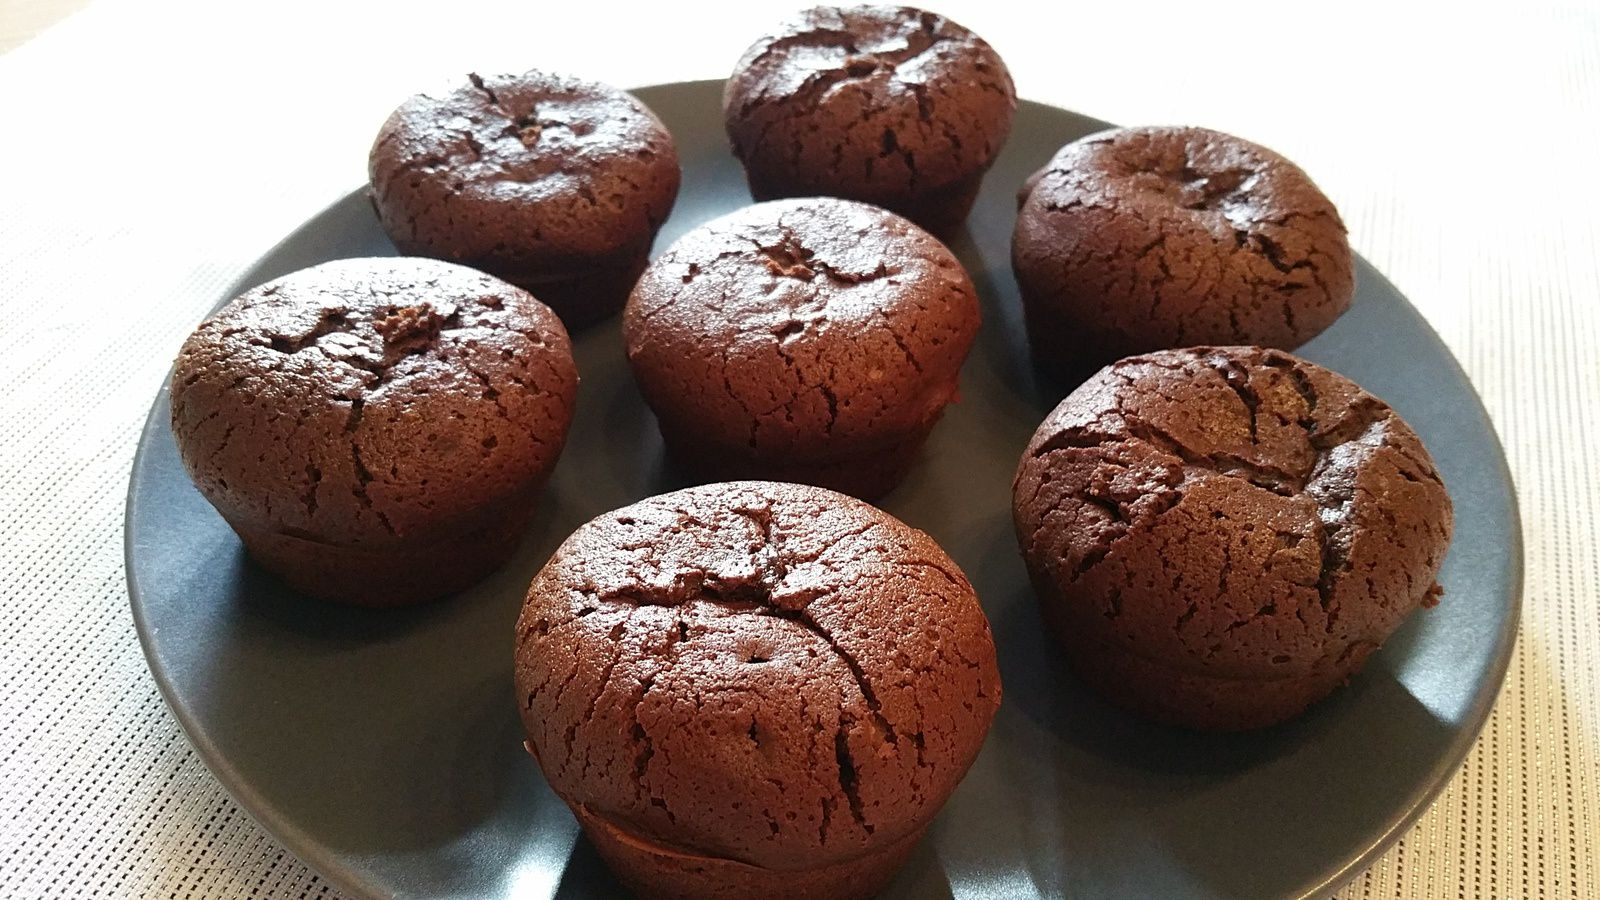 Recette fondants au chocolat : Un délice